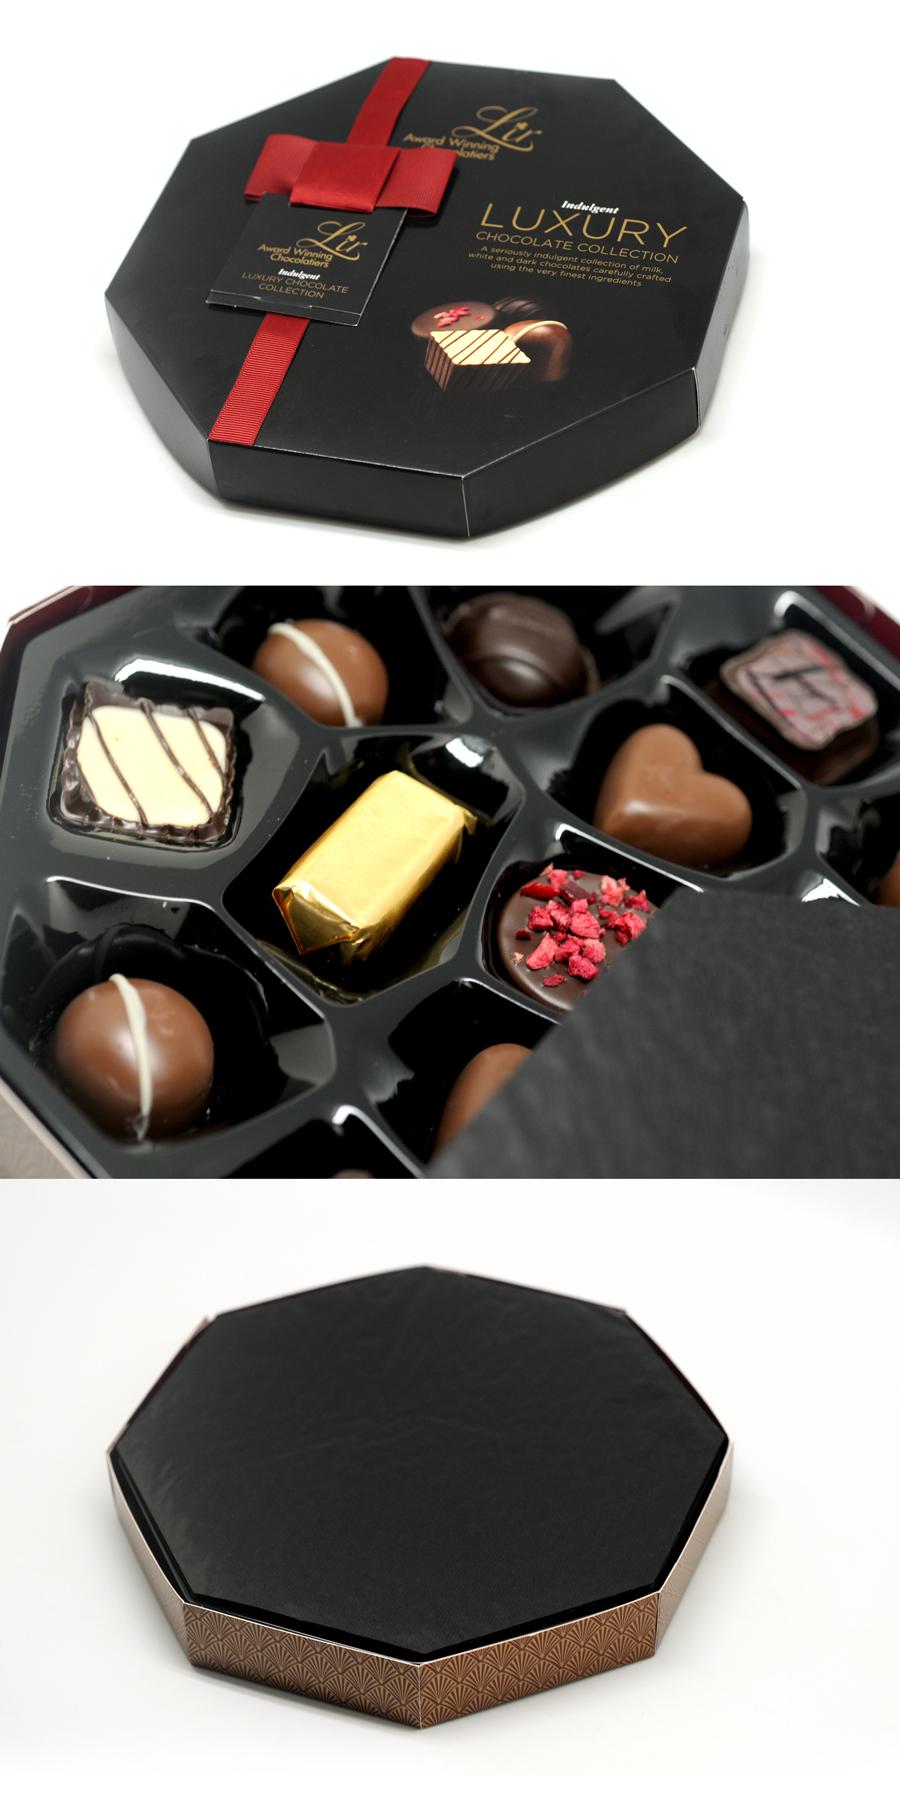 hexagonal-shape Chocolate box